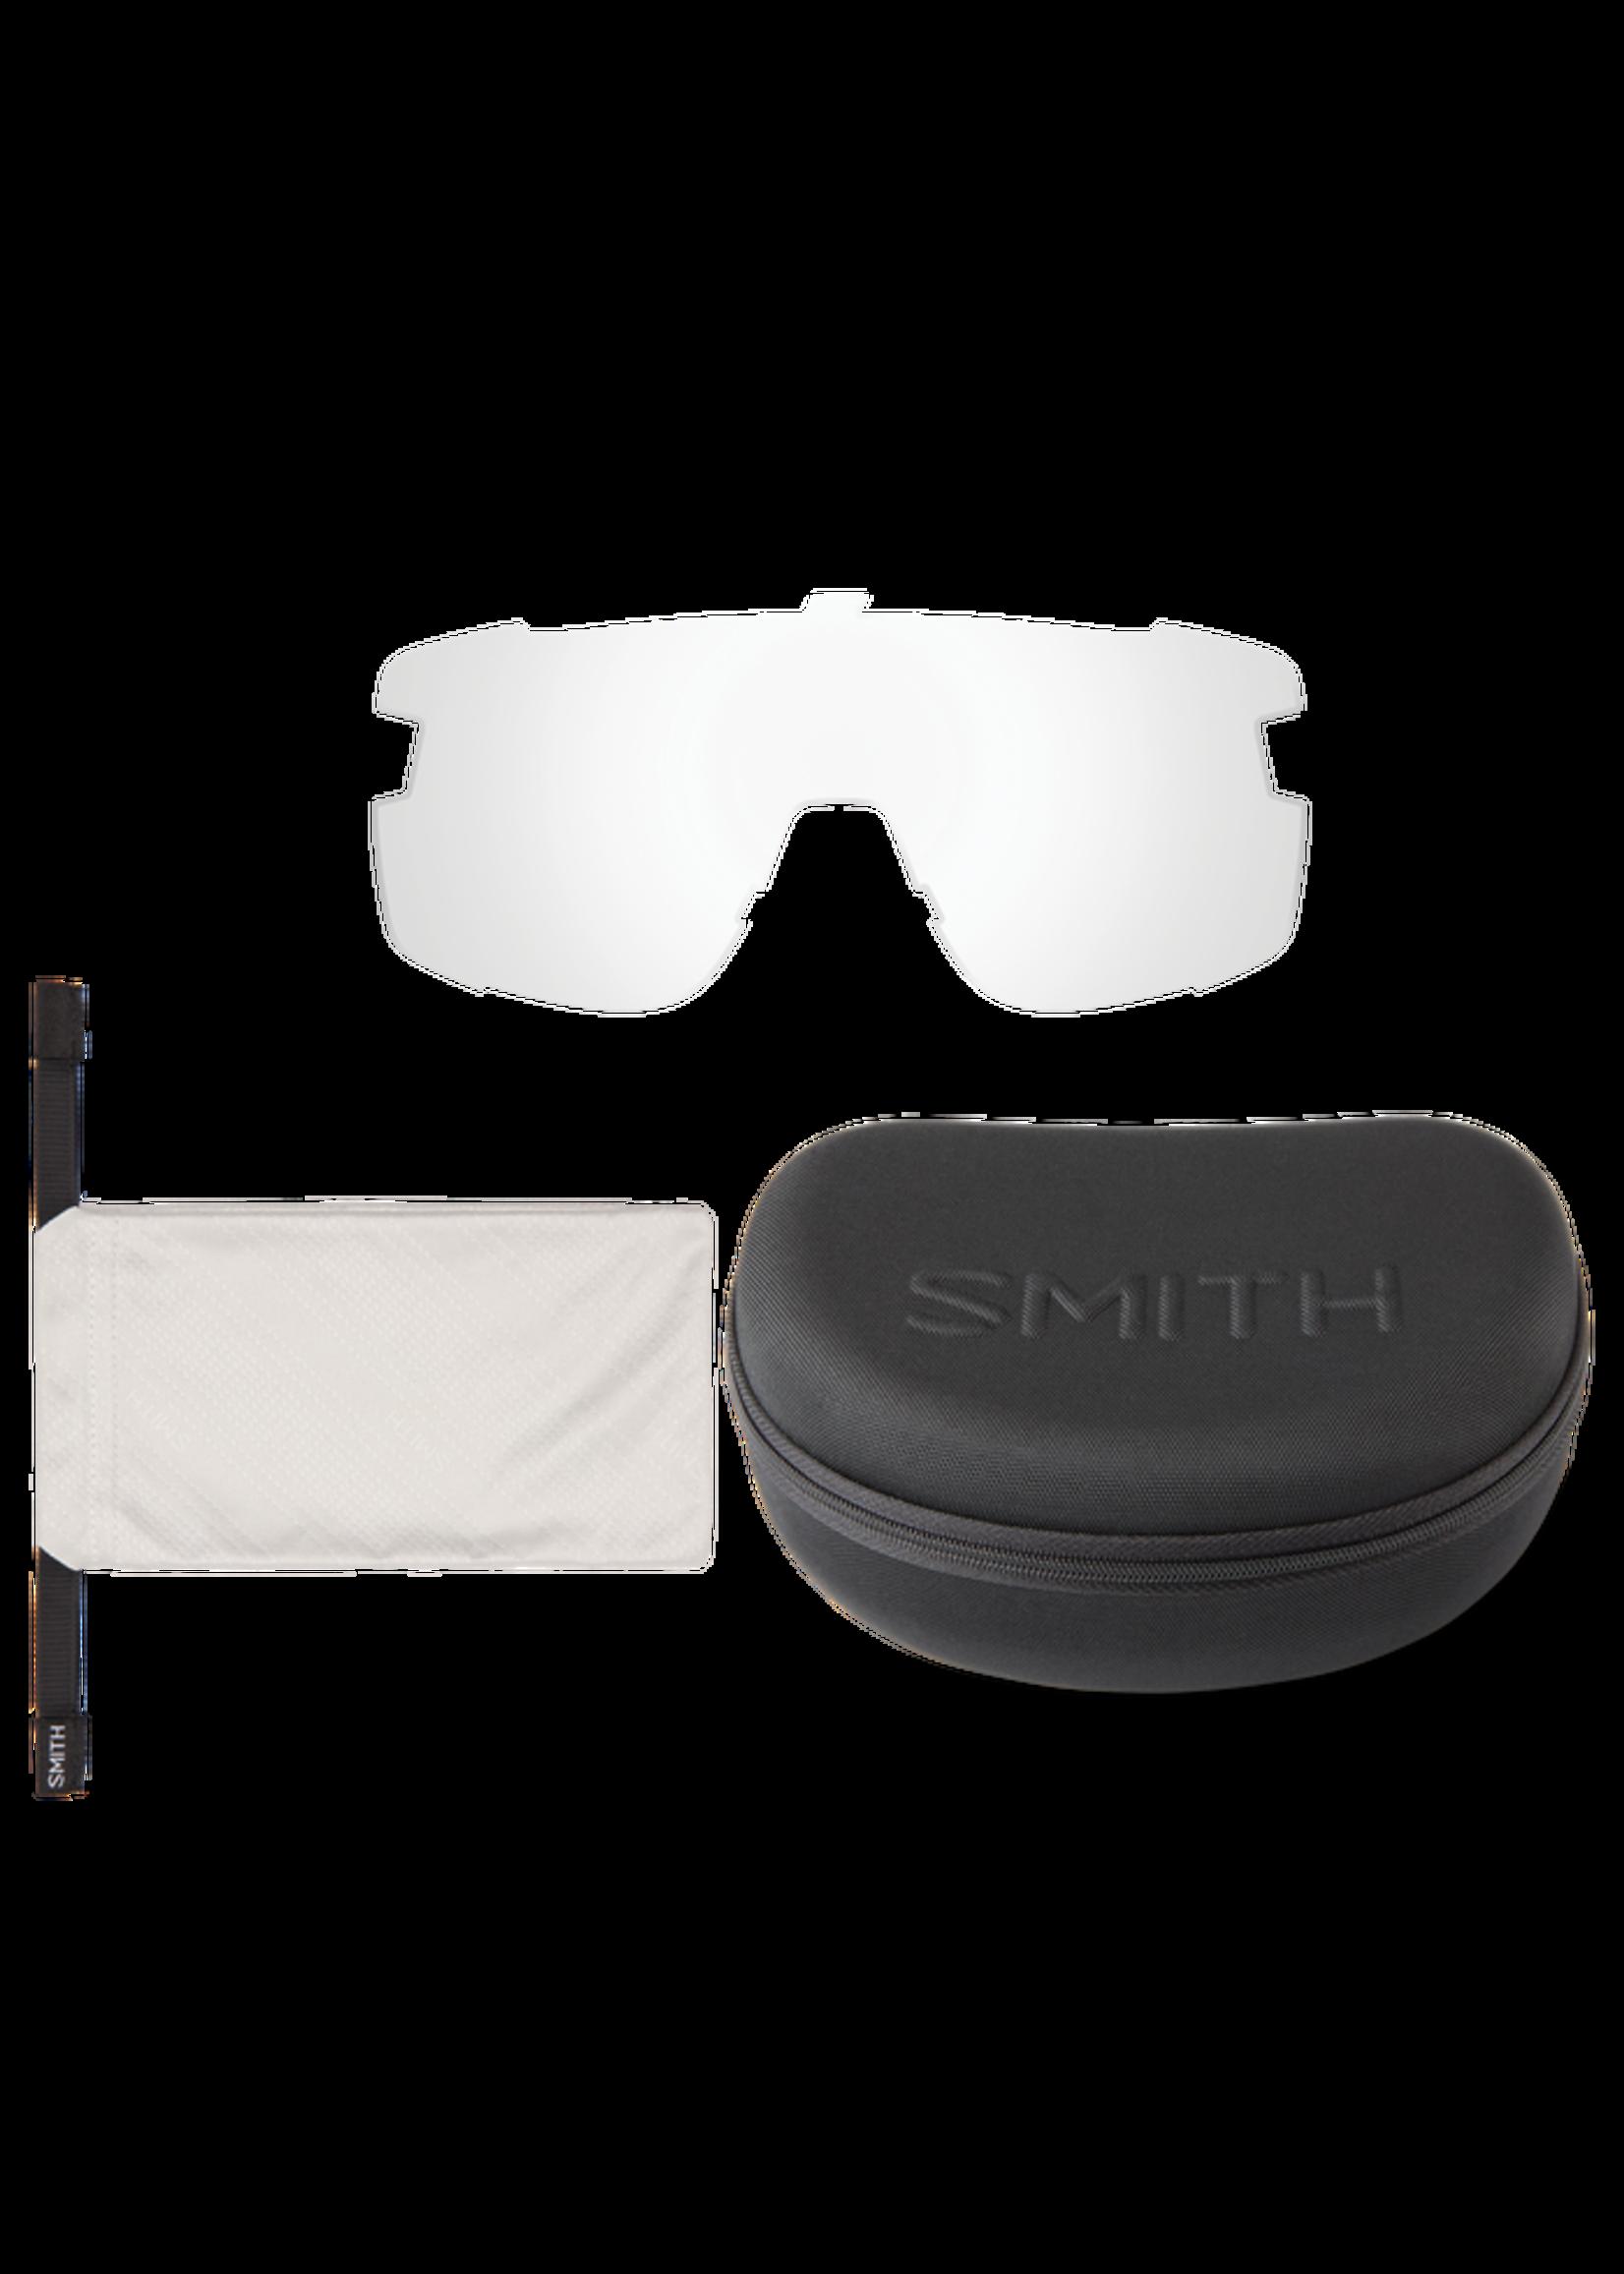 Smith Optics SMITH WILDCAT CHROMAPOP NOIR CENDRE